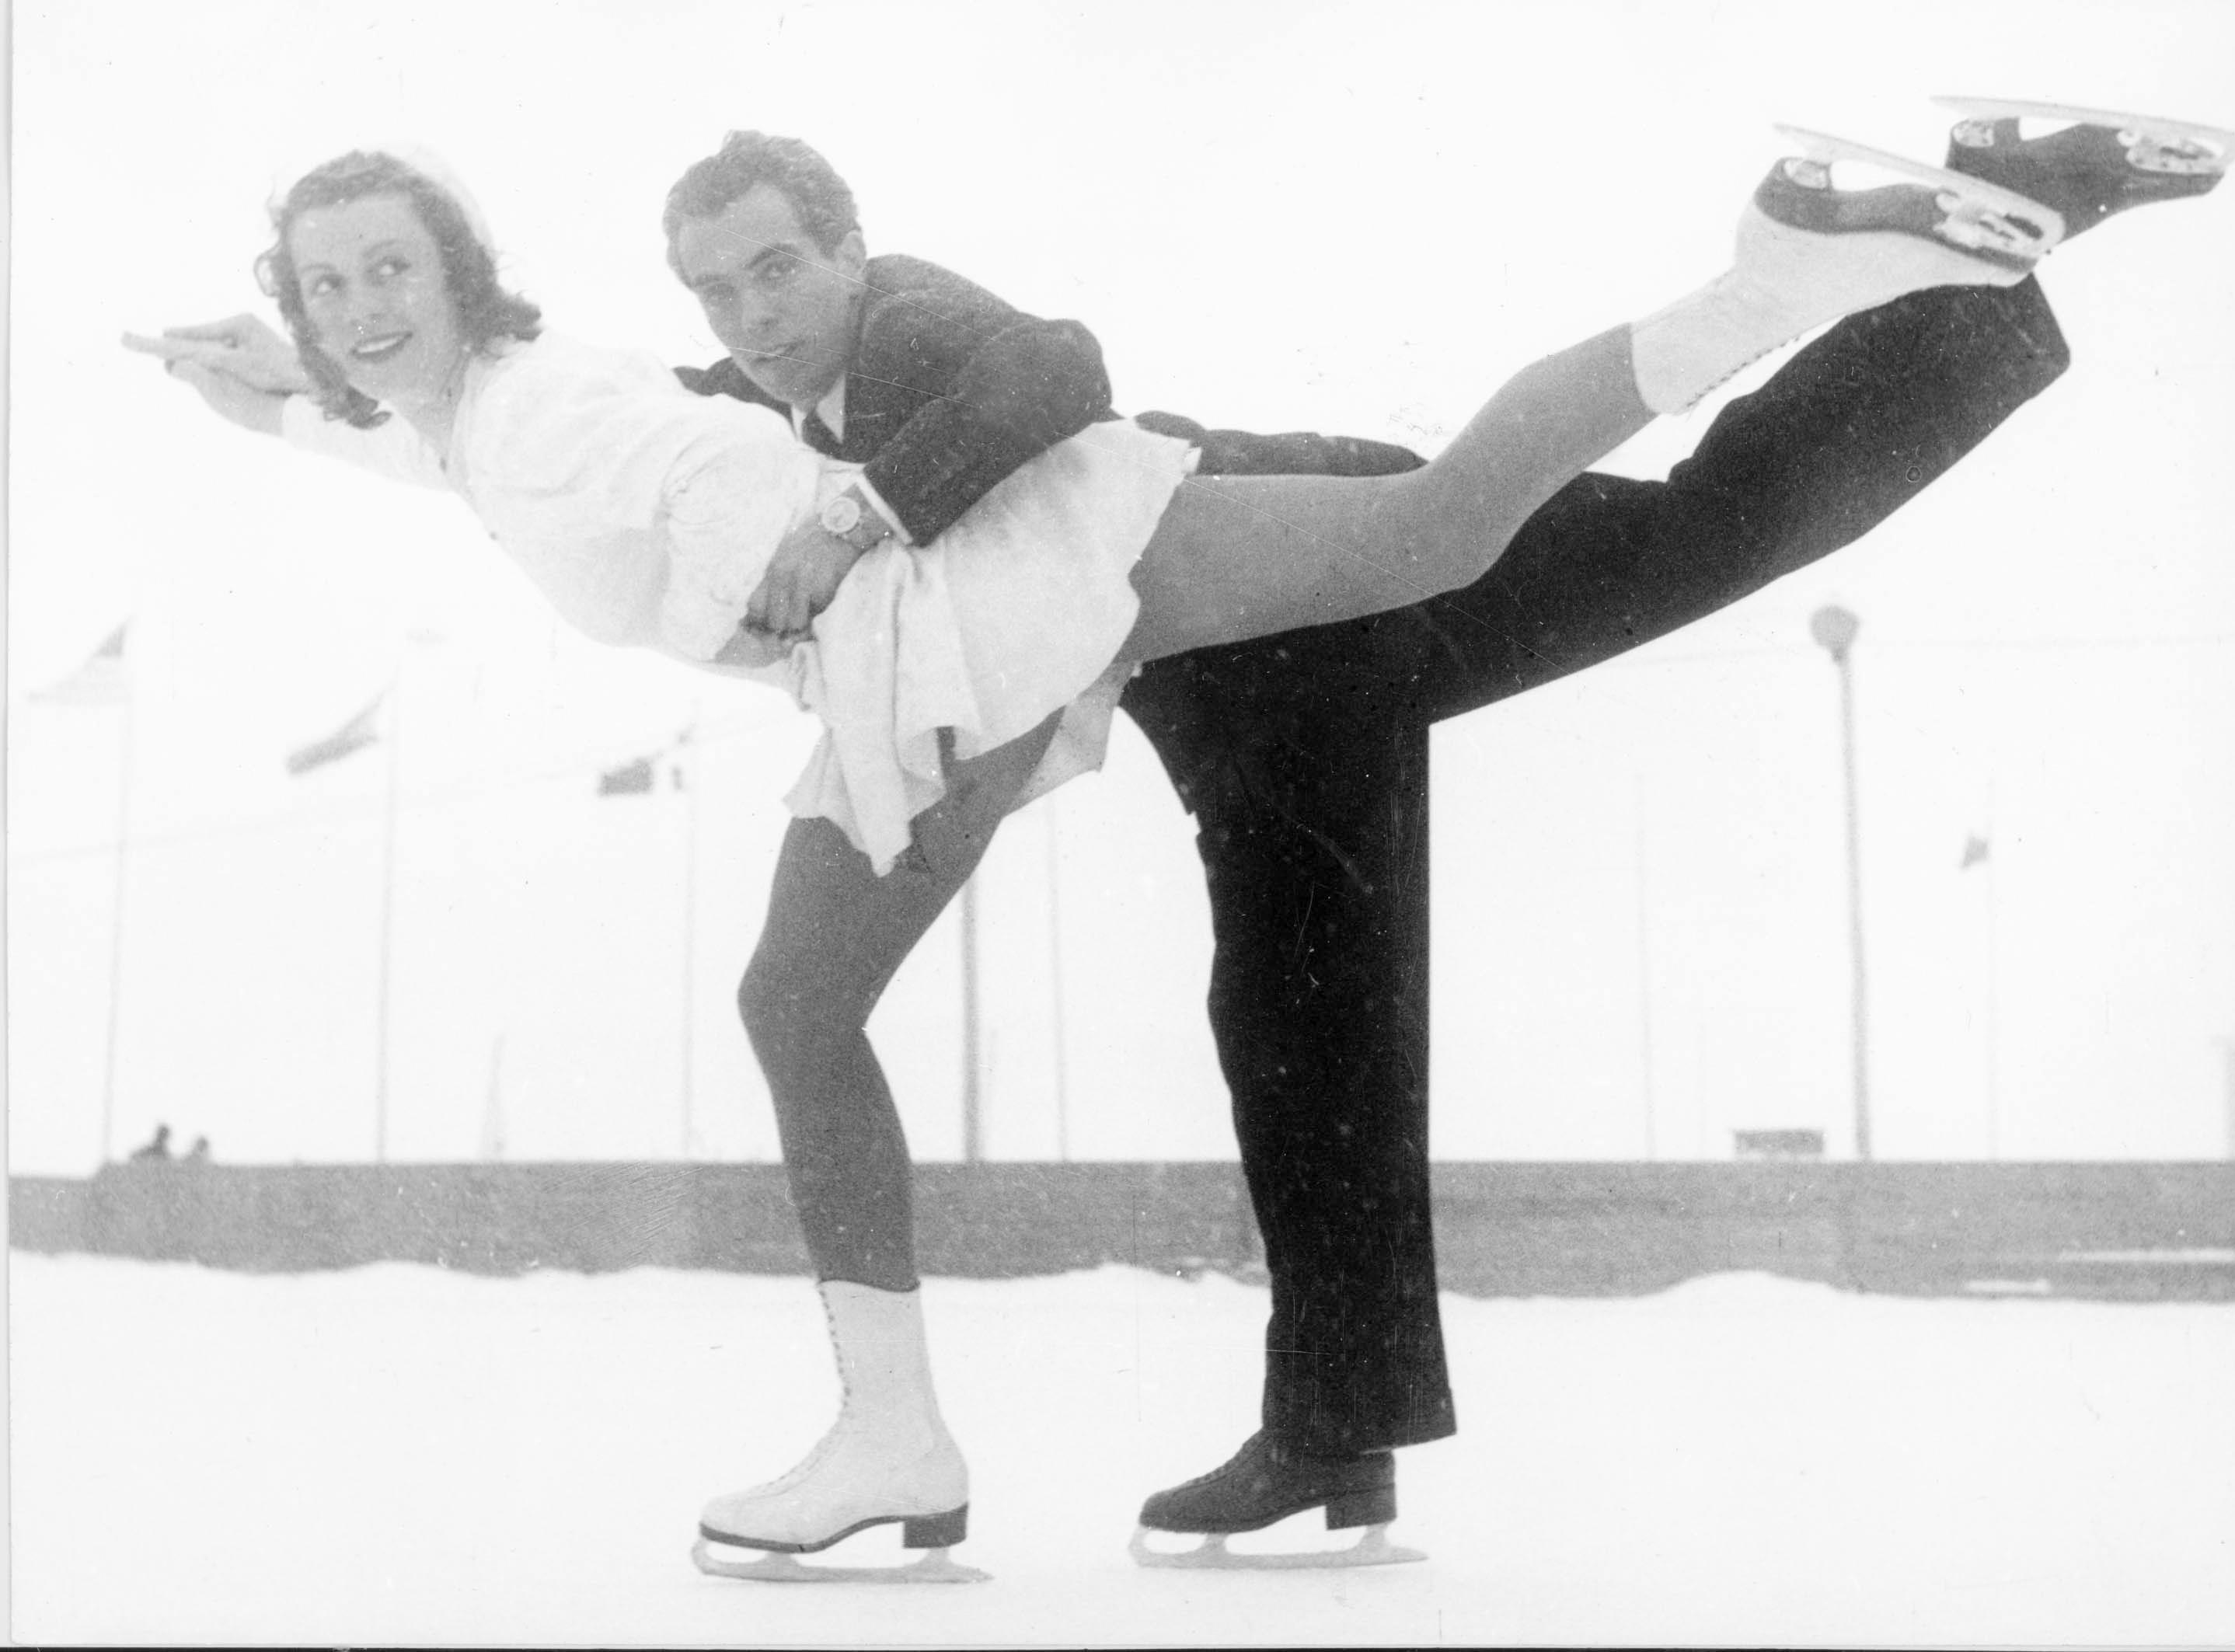 Les Belges Micheline Lannoy et Pierre Baugniet remportent la médaille d'or de l'épreuve de patinage artistique.